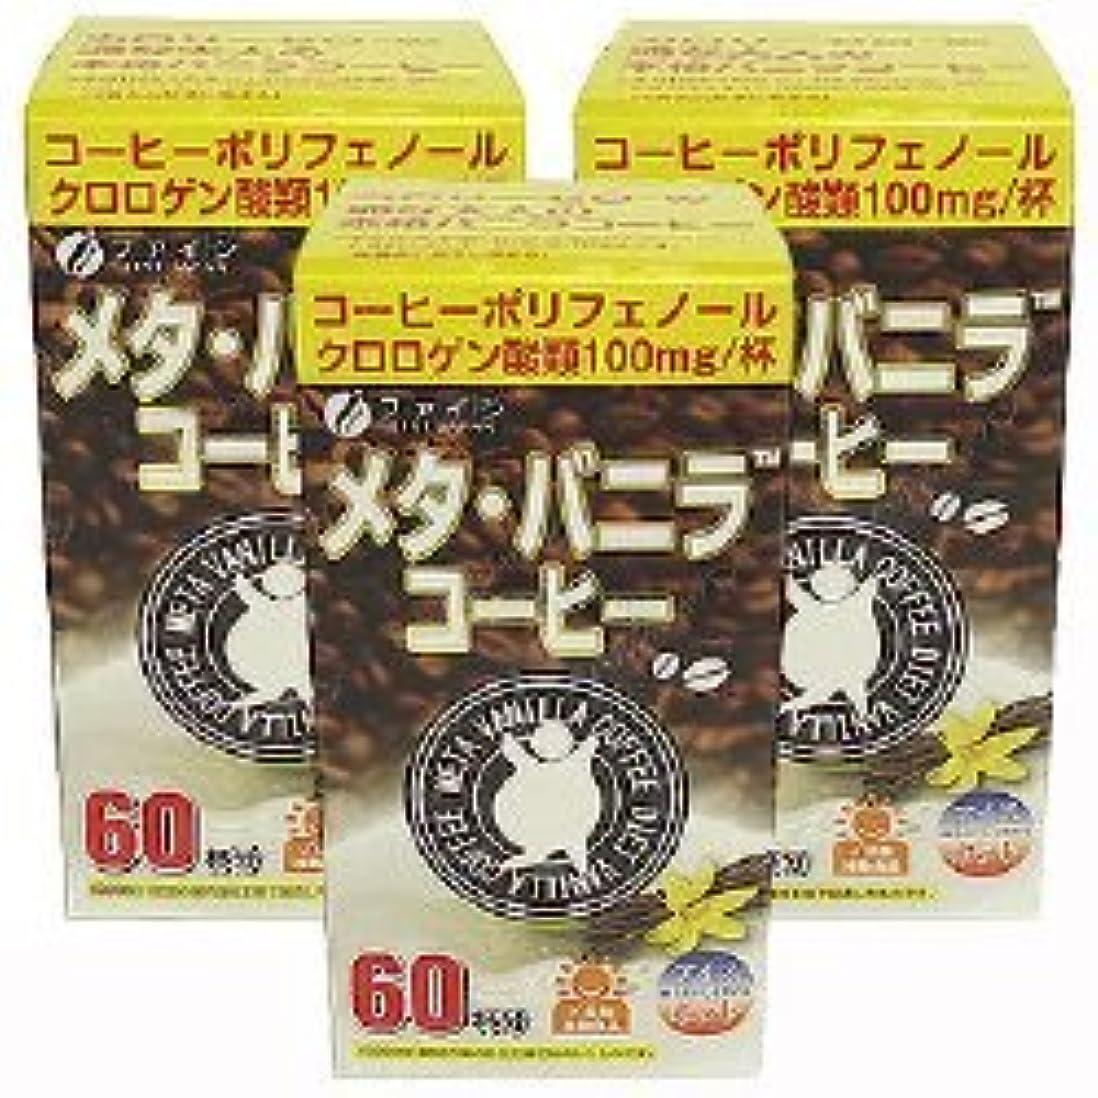 生足赤メタバニラコーヒー【3箱セット】ファイン